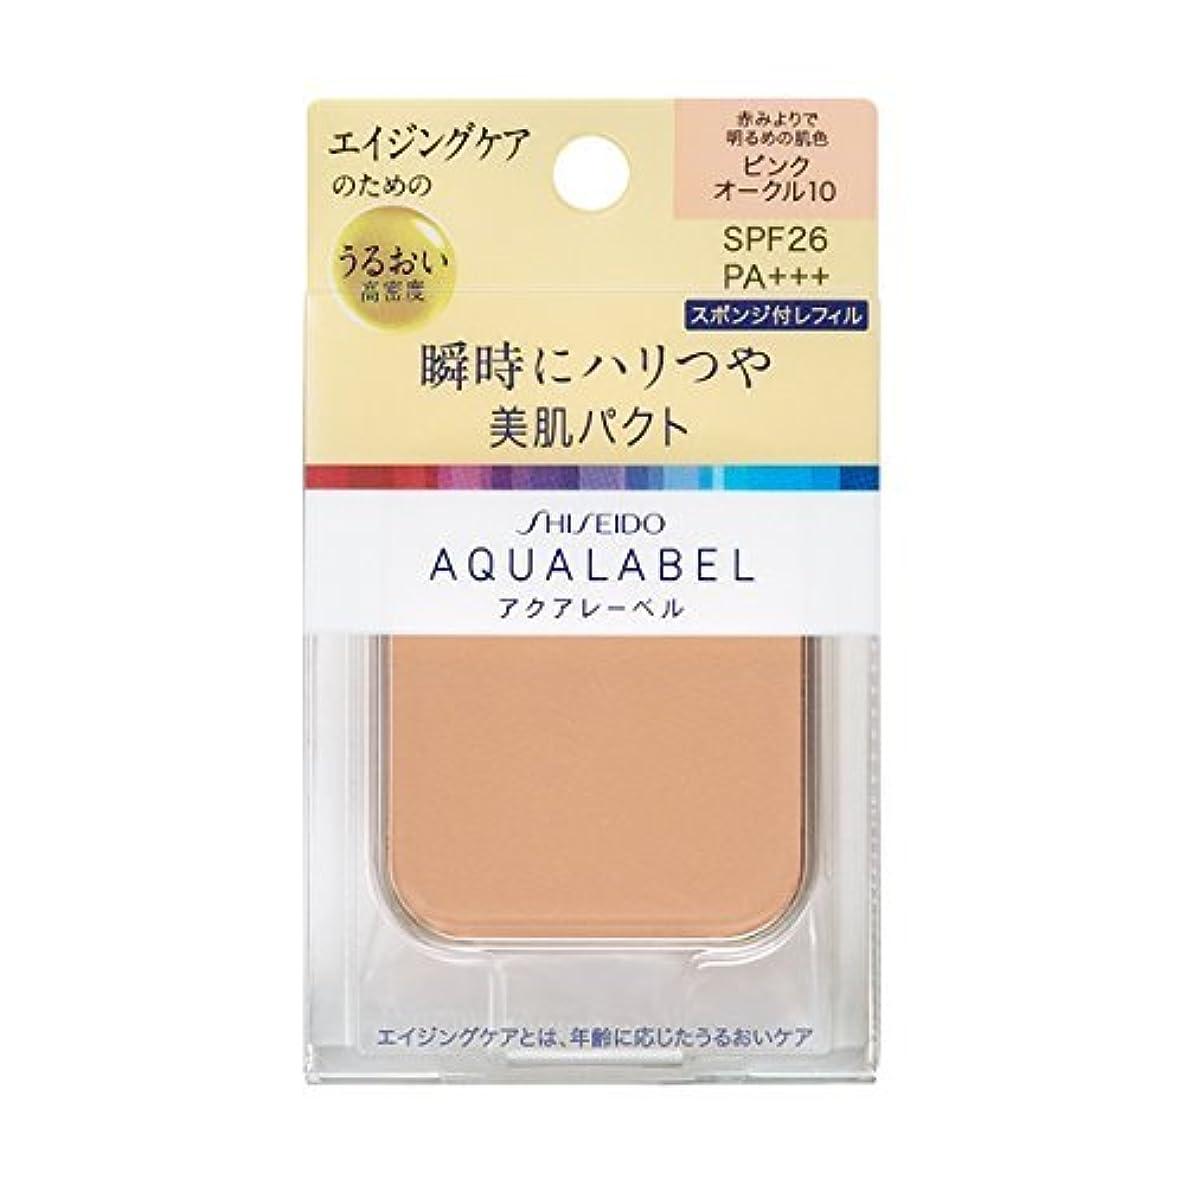 アクアレーベル 明るいつや肌パクト ピンクオークル10 (レフィル) 11.5g×6個